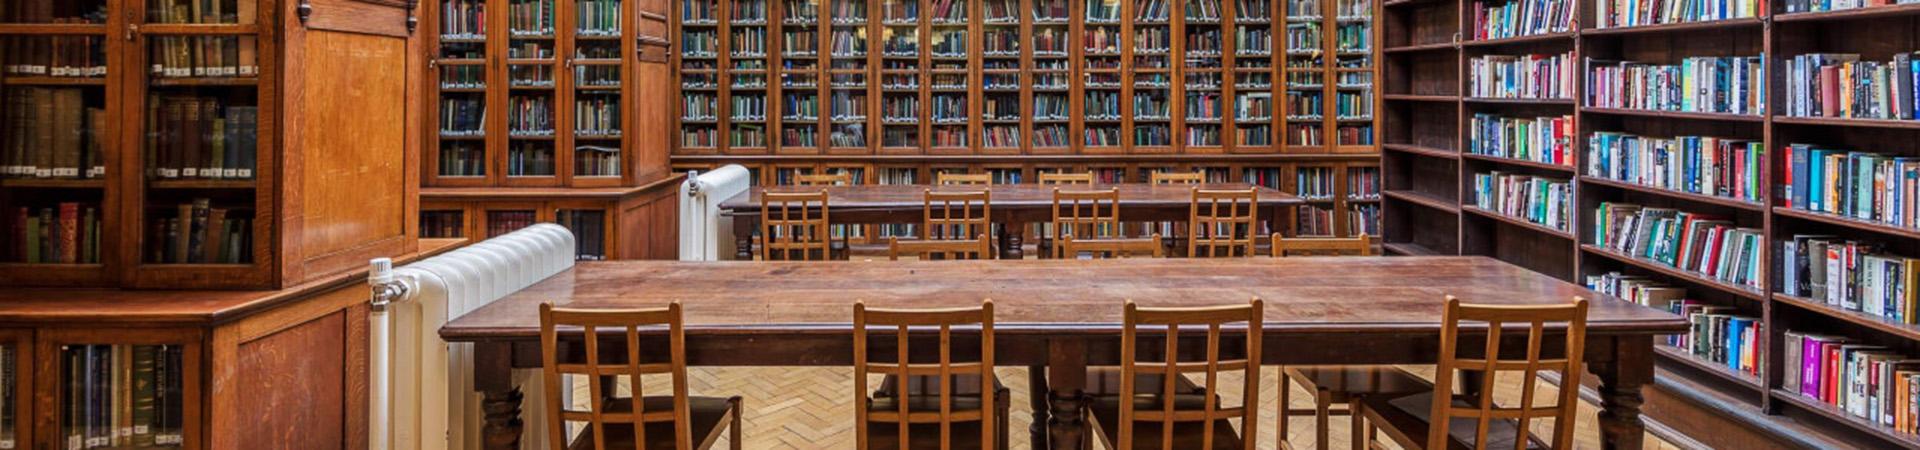 ACA Library Akure